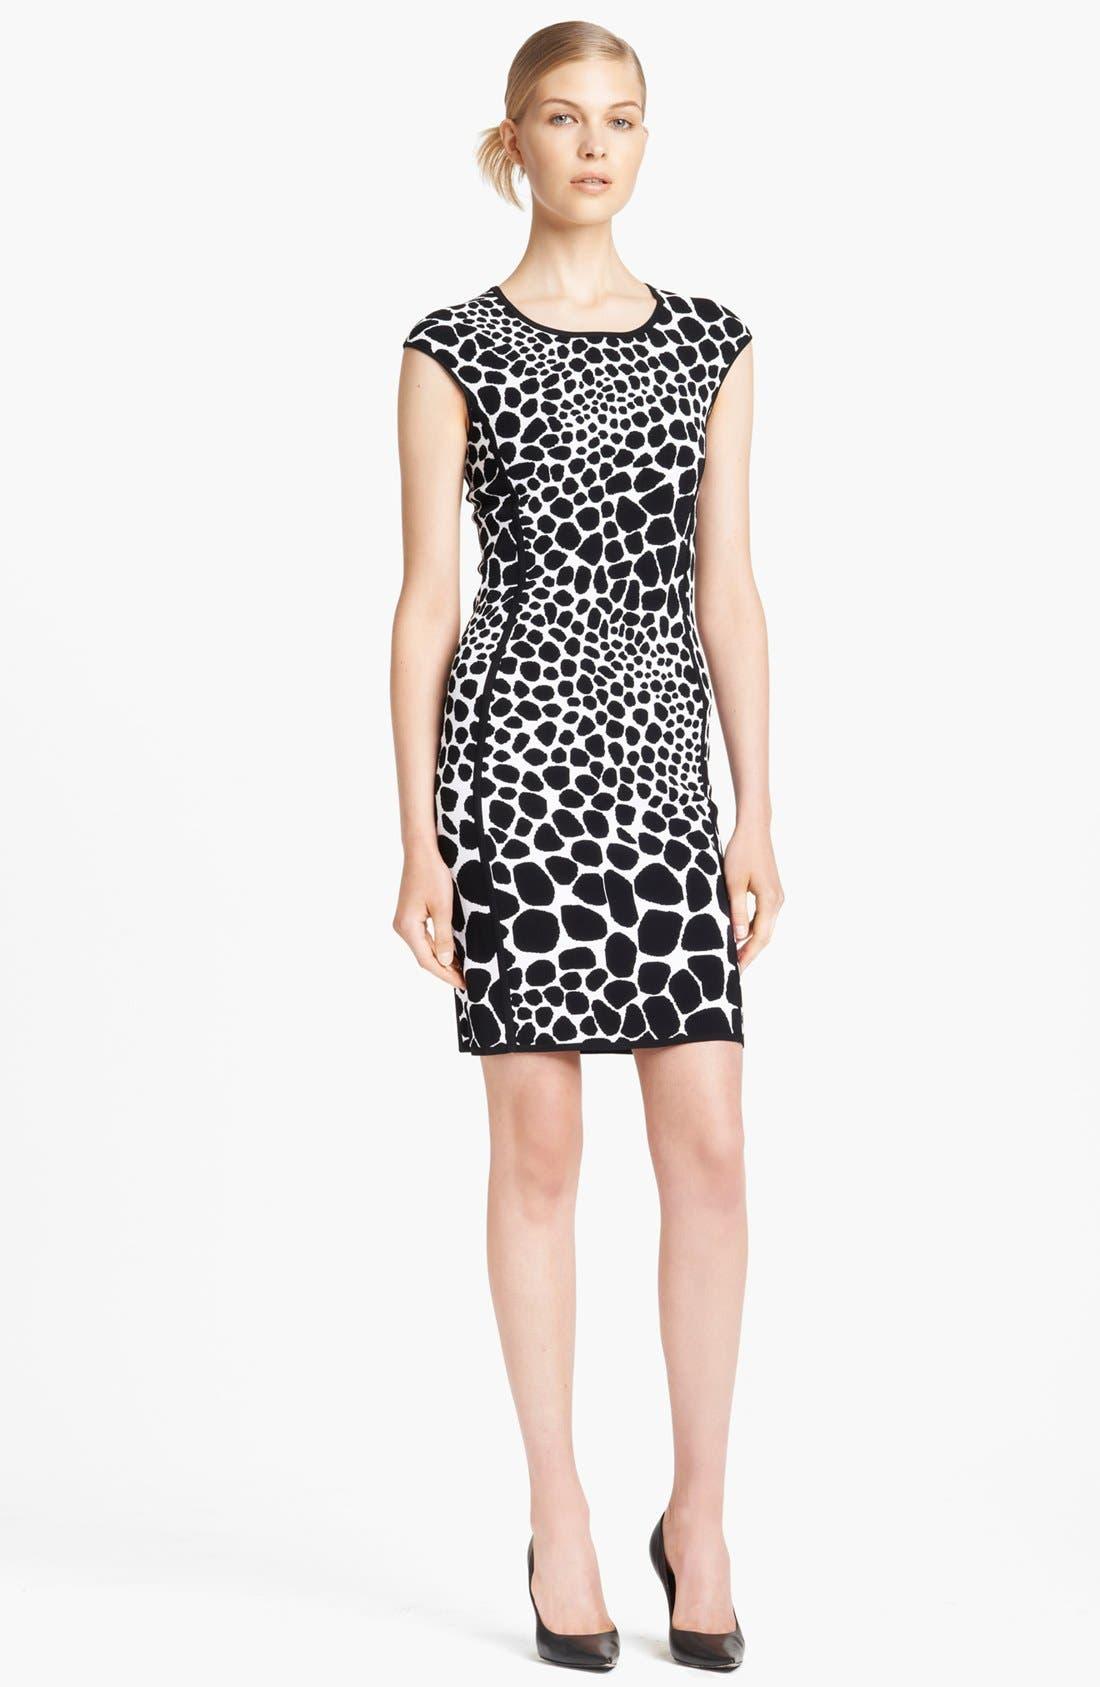 Main Image - Michael Kors Giraffe Pattern Knit Dress